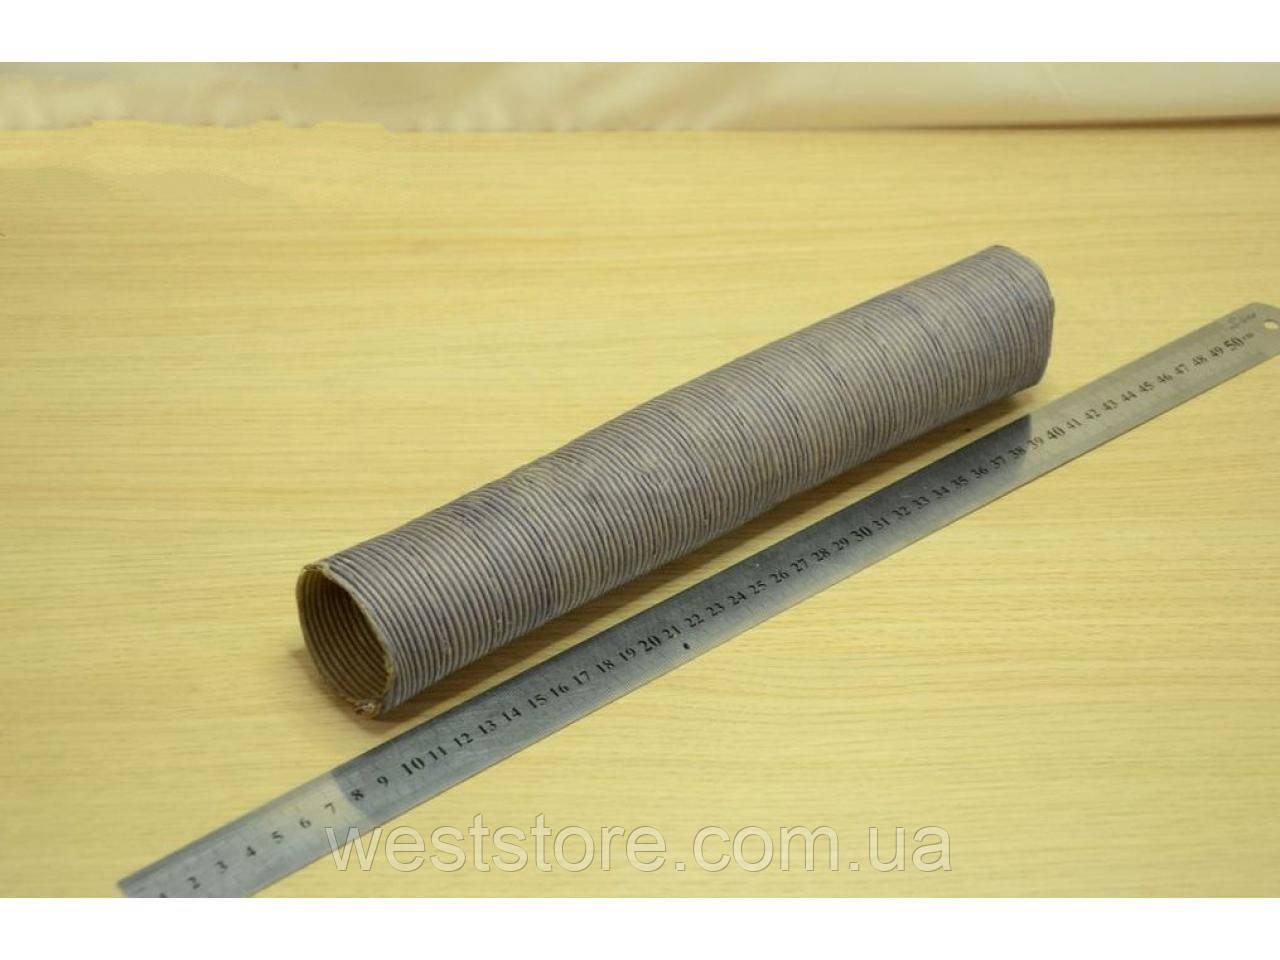 Гофра-жаровня воздушного фильтра Ваз 2101 2102 2103 2104 2105 2106 2107 бумага (L=450мм)